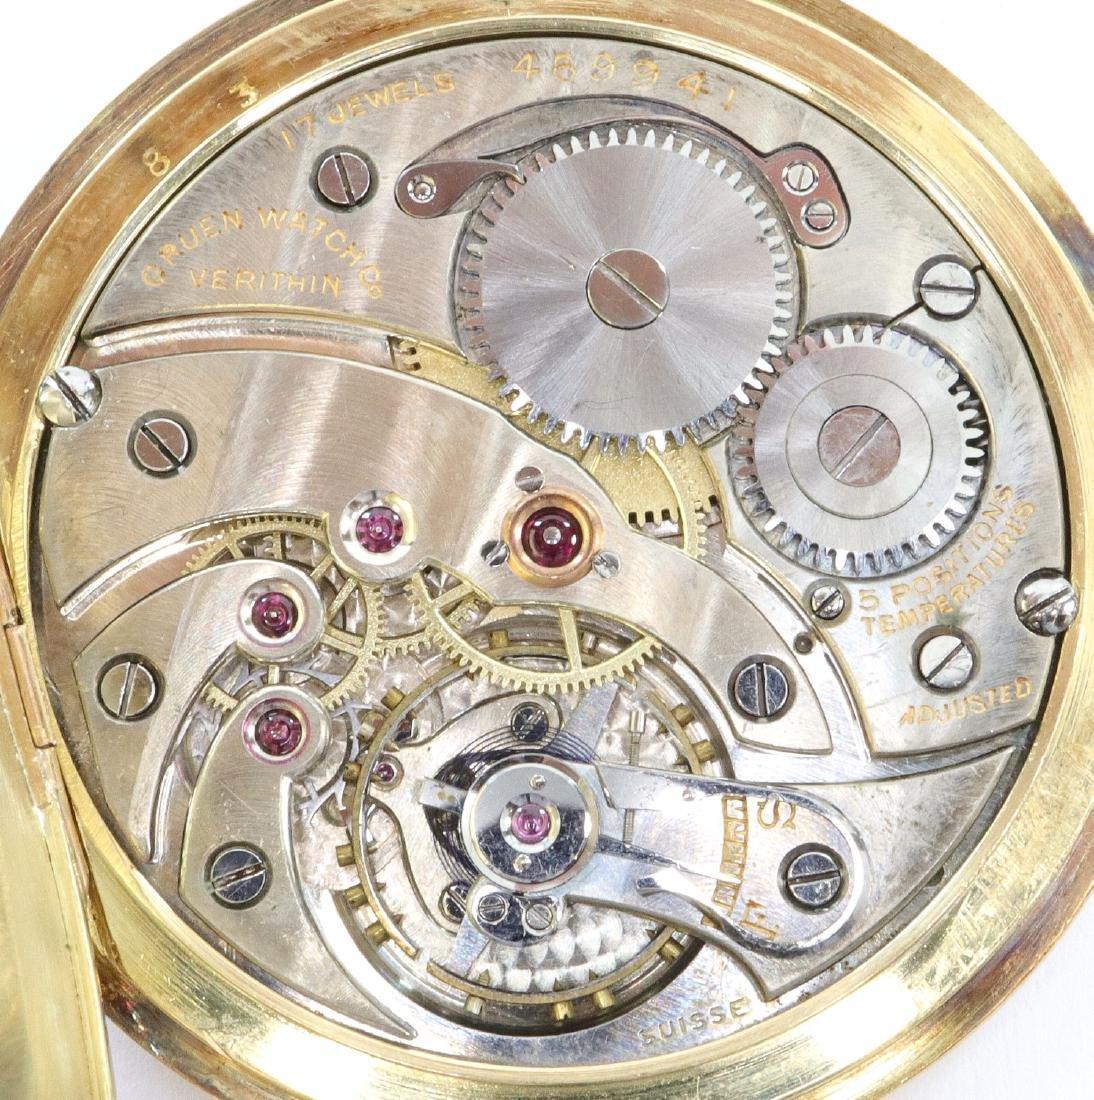 Gruen Verithin 14k Gold pocket watch - 2